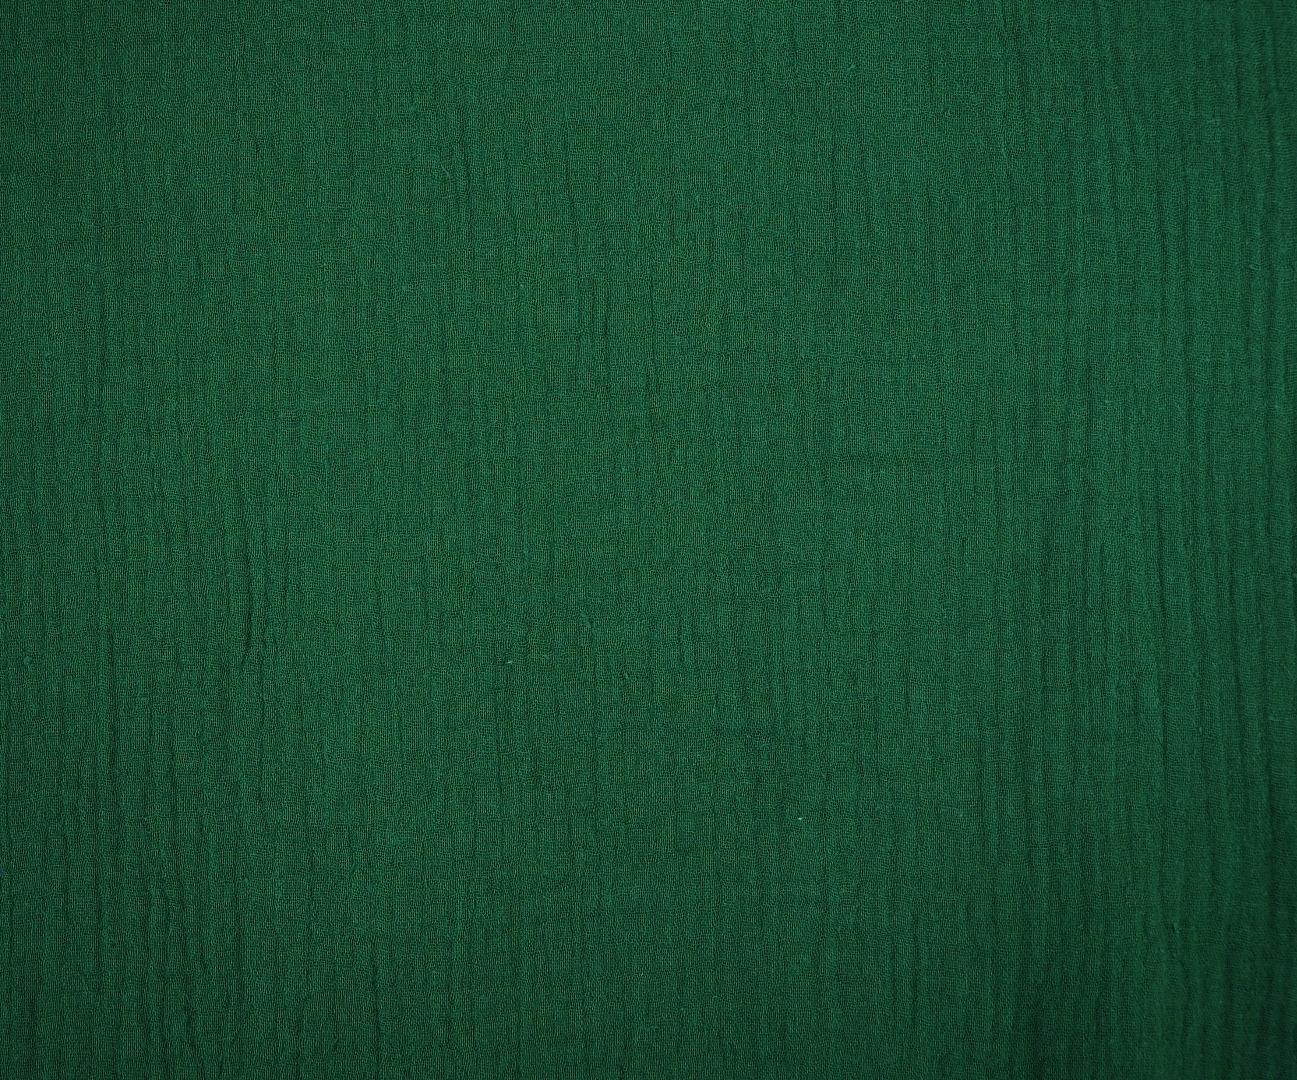 Musselin Double Gauze Windelstoff grün dunkelgrün